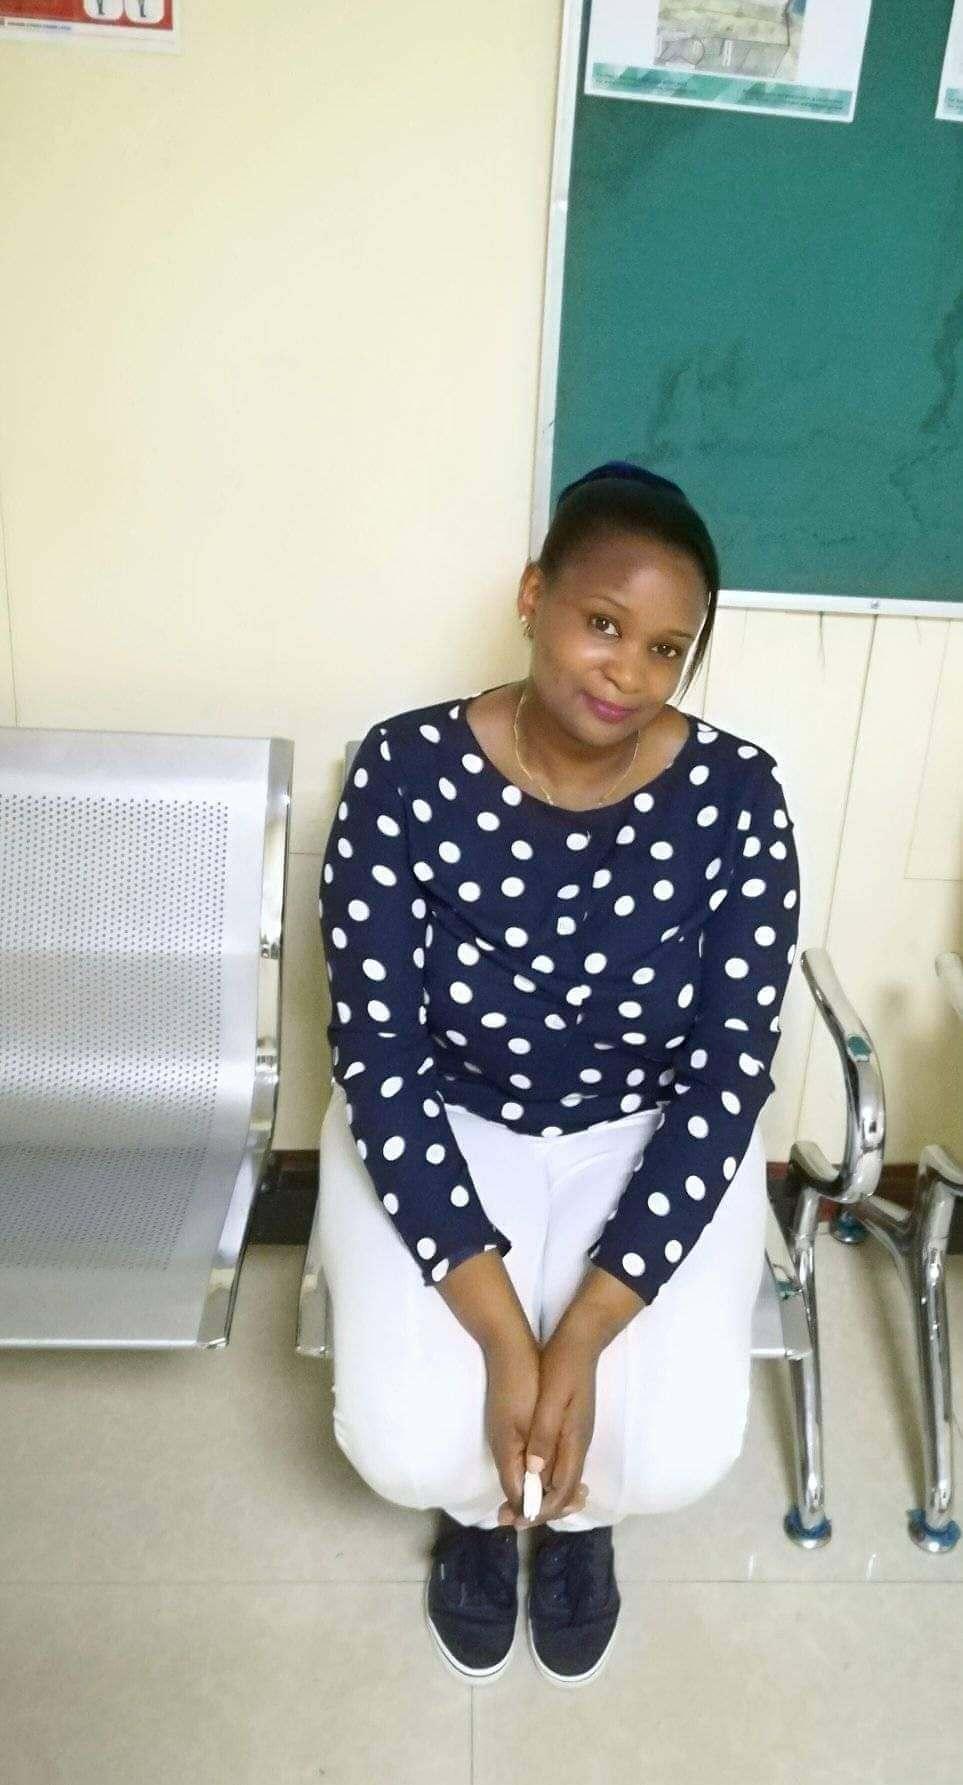 σεξ αγάπη Κένυα ημίσειας ζωής στη ραδιομετρική χρονολόγηση